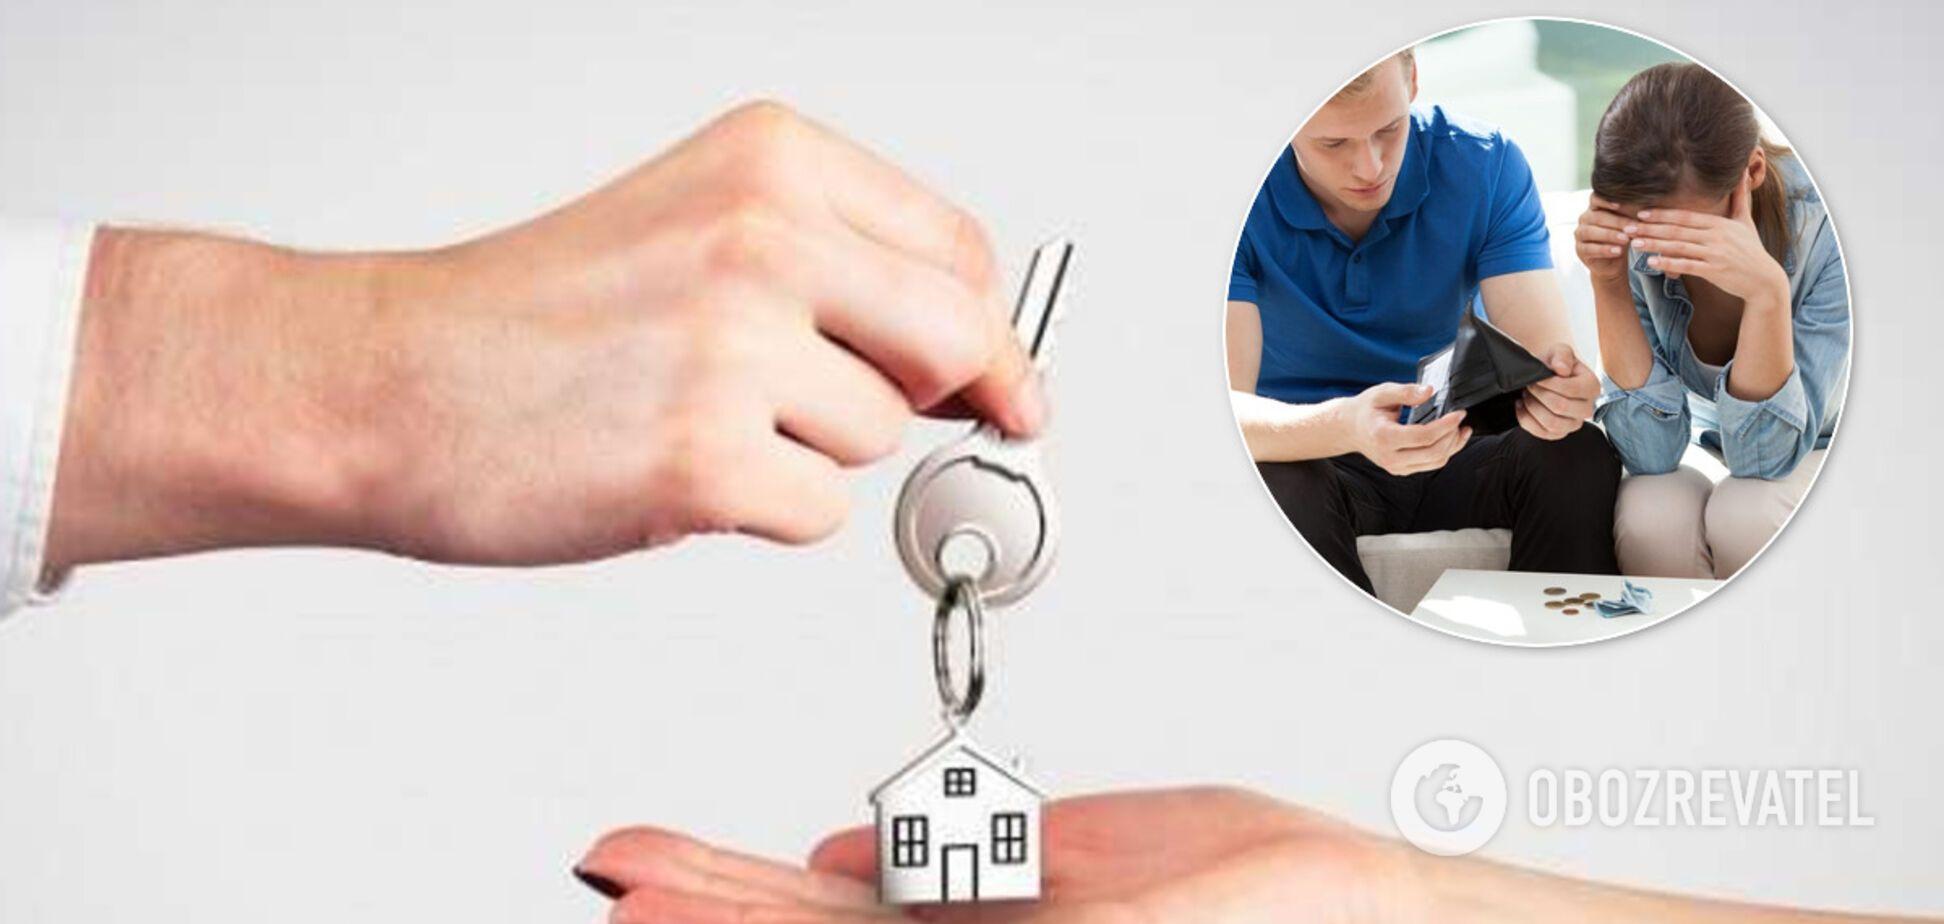 В Украине снять квартиру будет гораздо дороже: как дурят на аренде и что нужно знать каждому